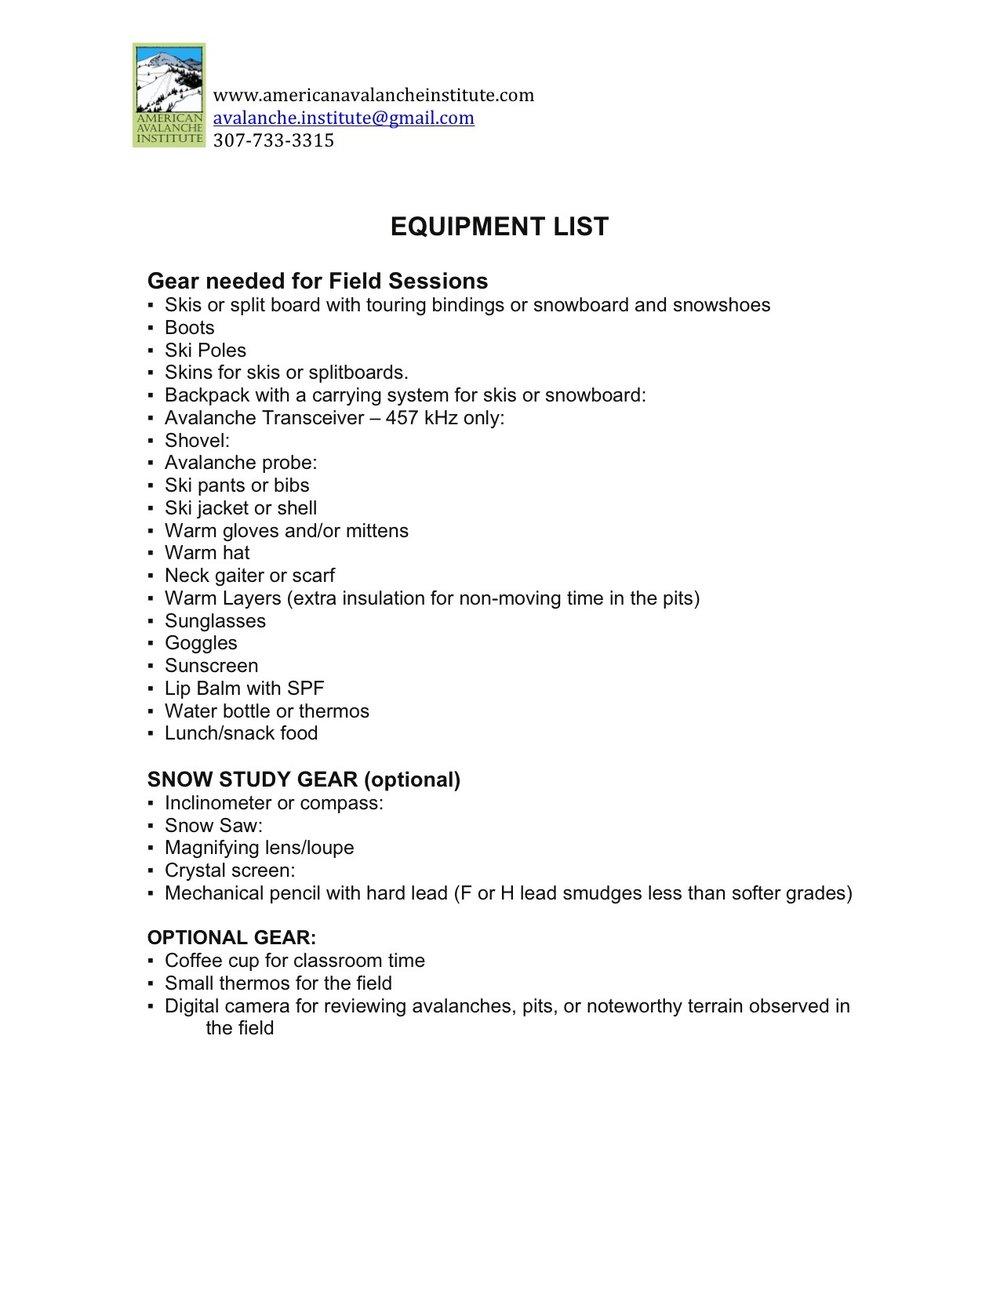 Equipment List.jpg